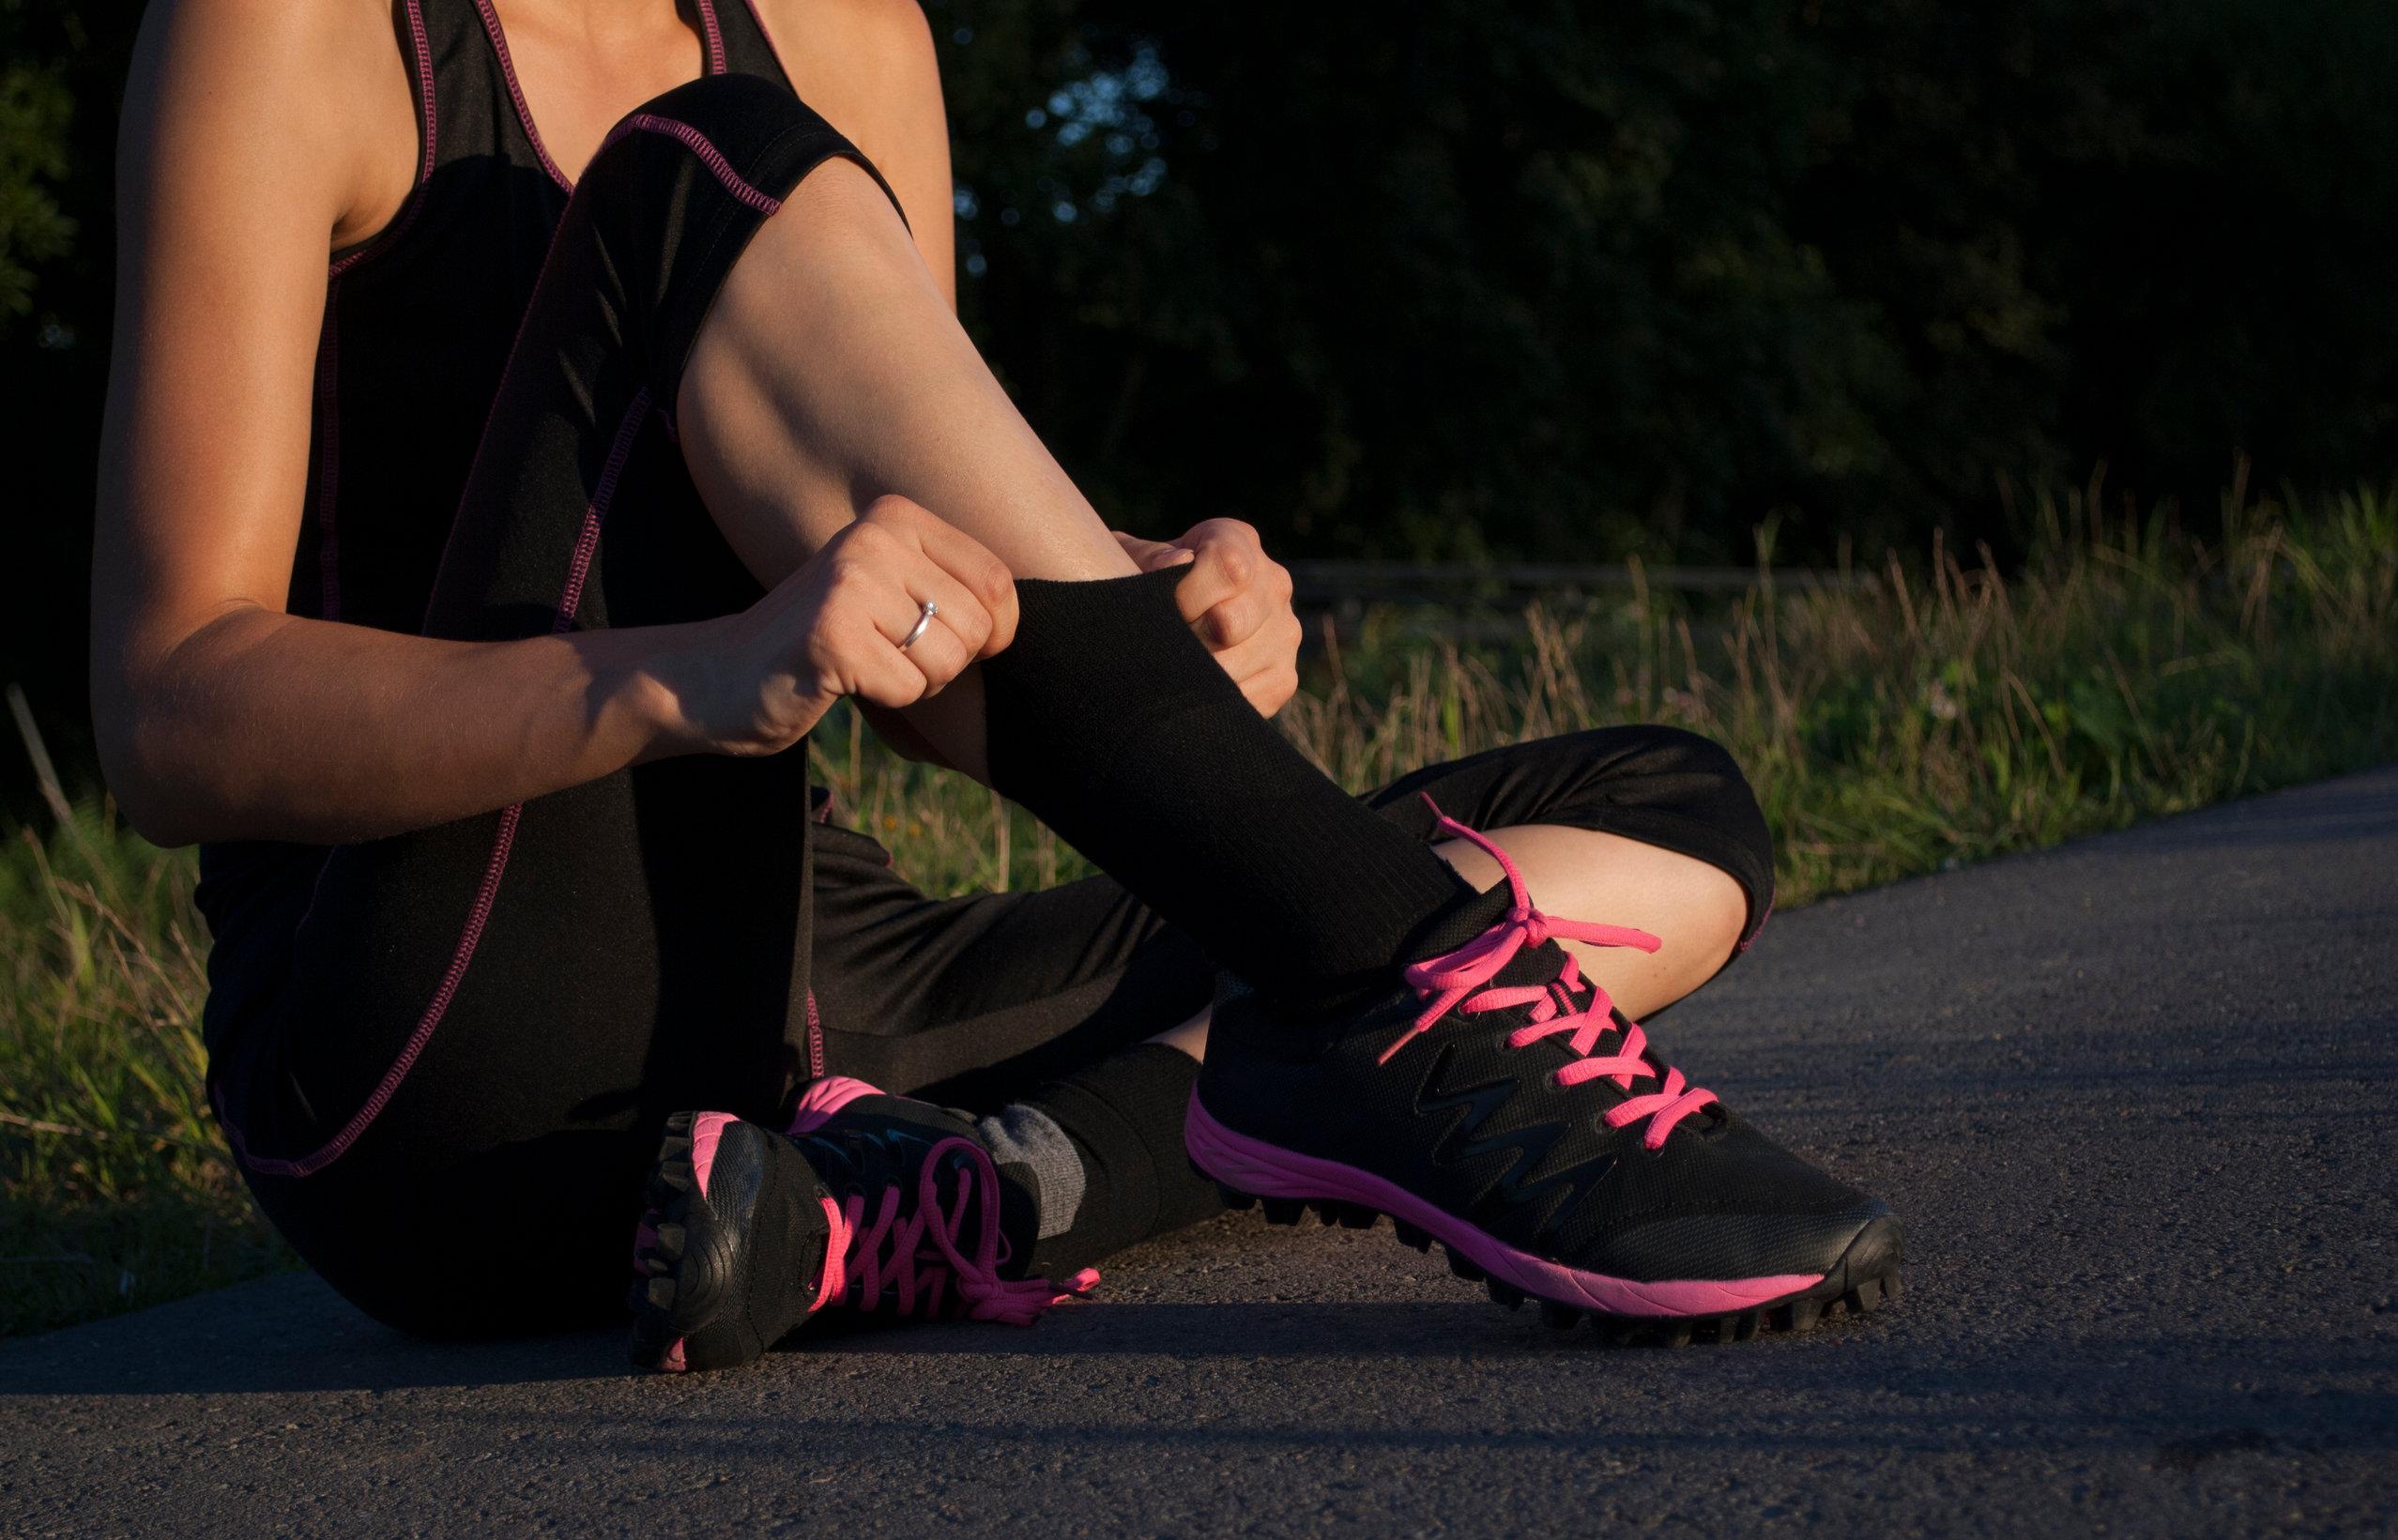 Mulher sentada no asfalto ajeitando sua meia